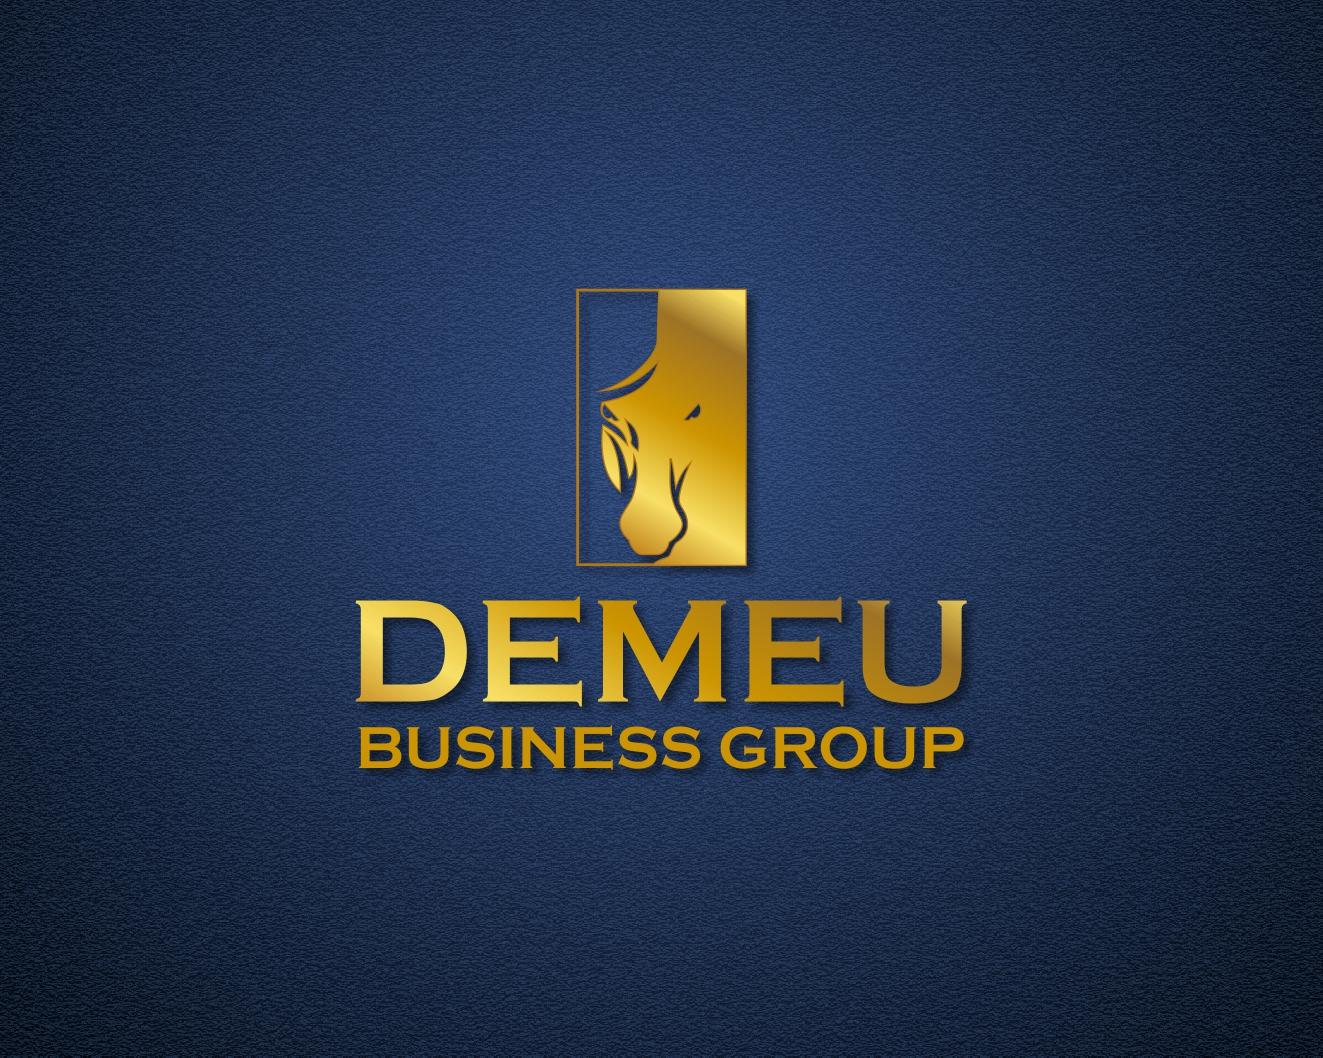 Logo Design by Rares.Andrei - Entry No. 13 in the Logo Design Contest Captivating Logo Design for DEMEU Business Group.